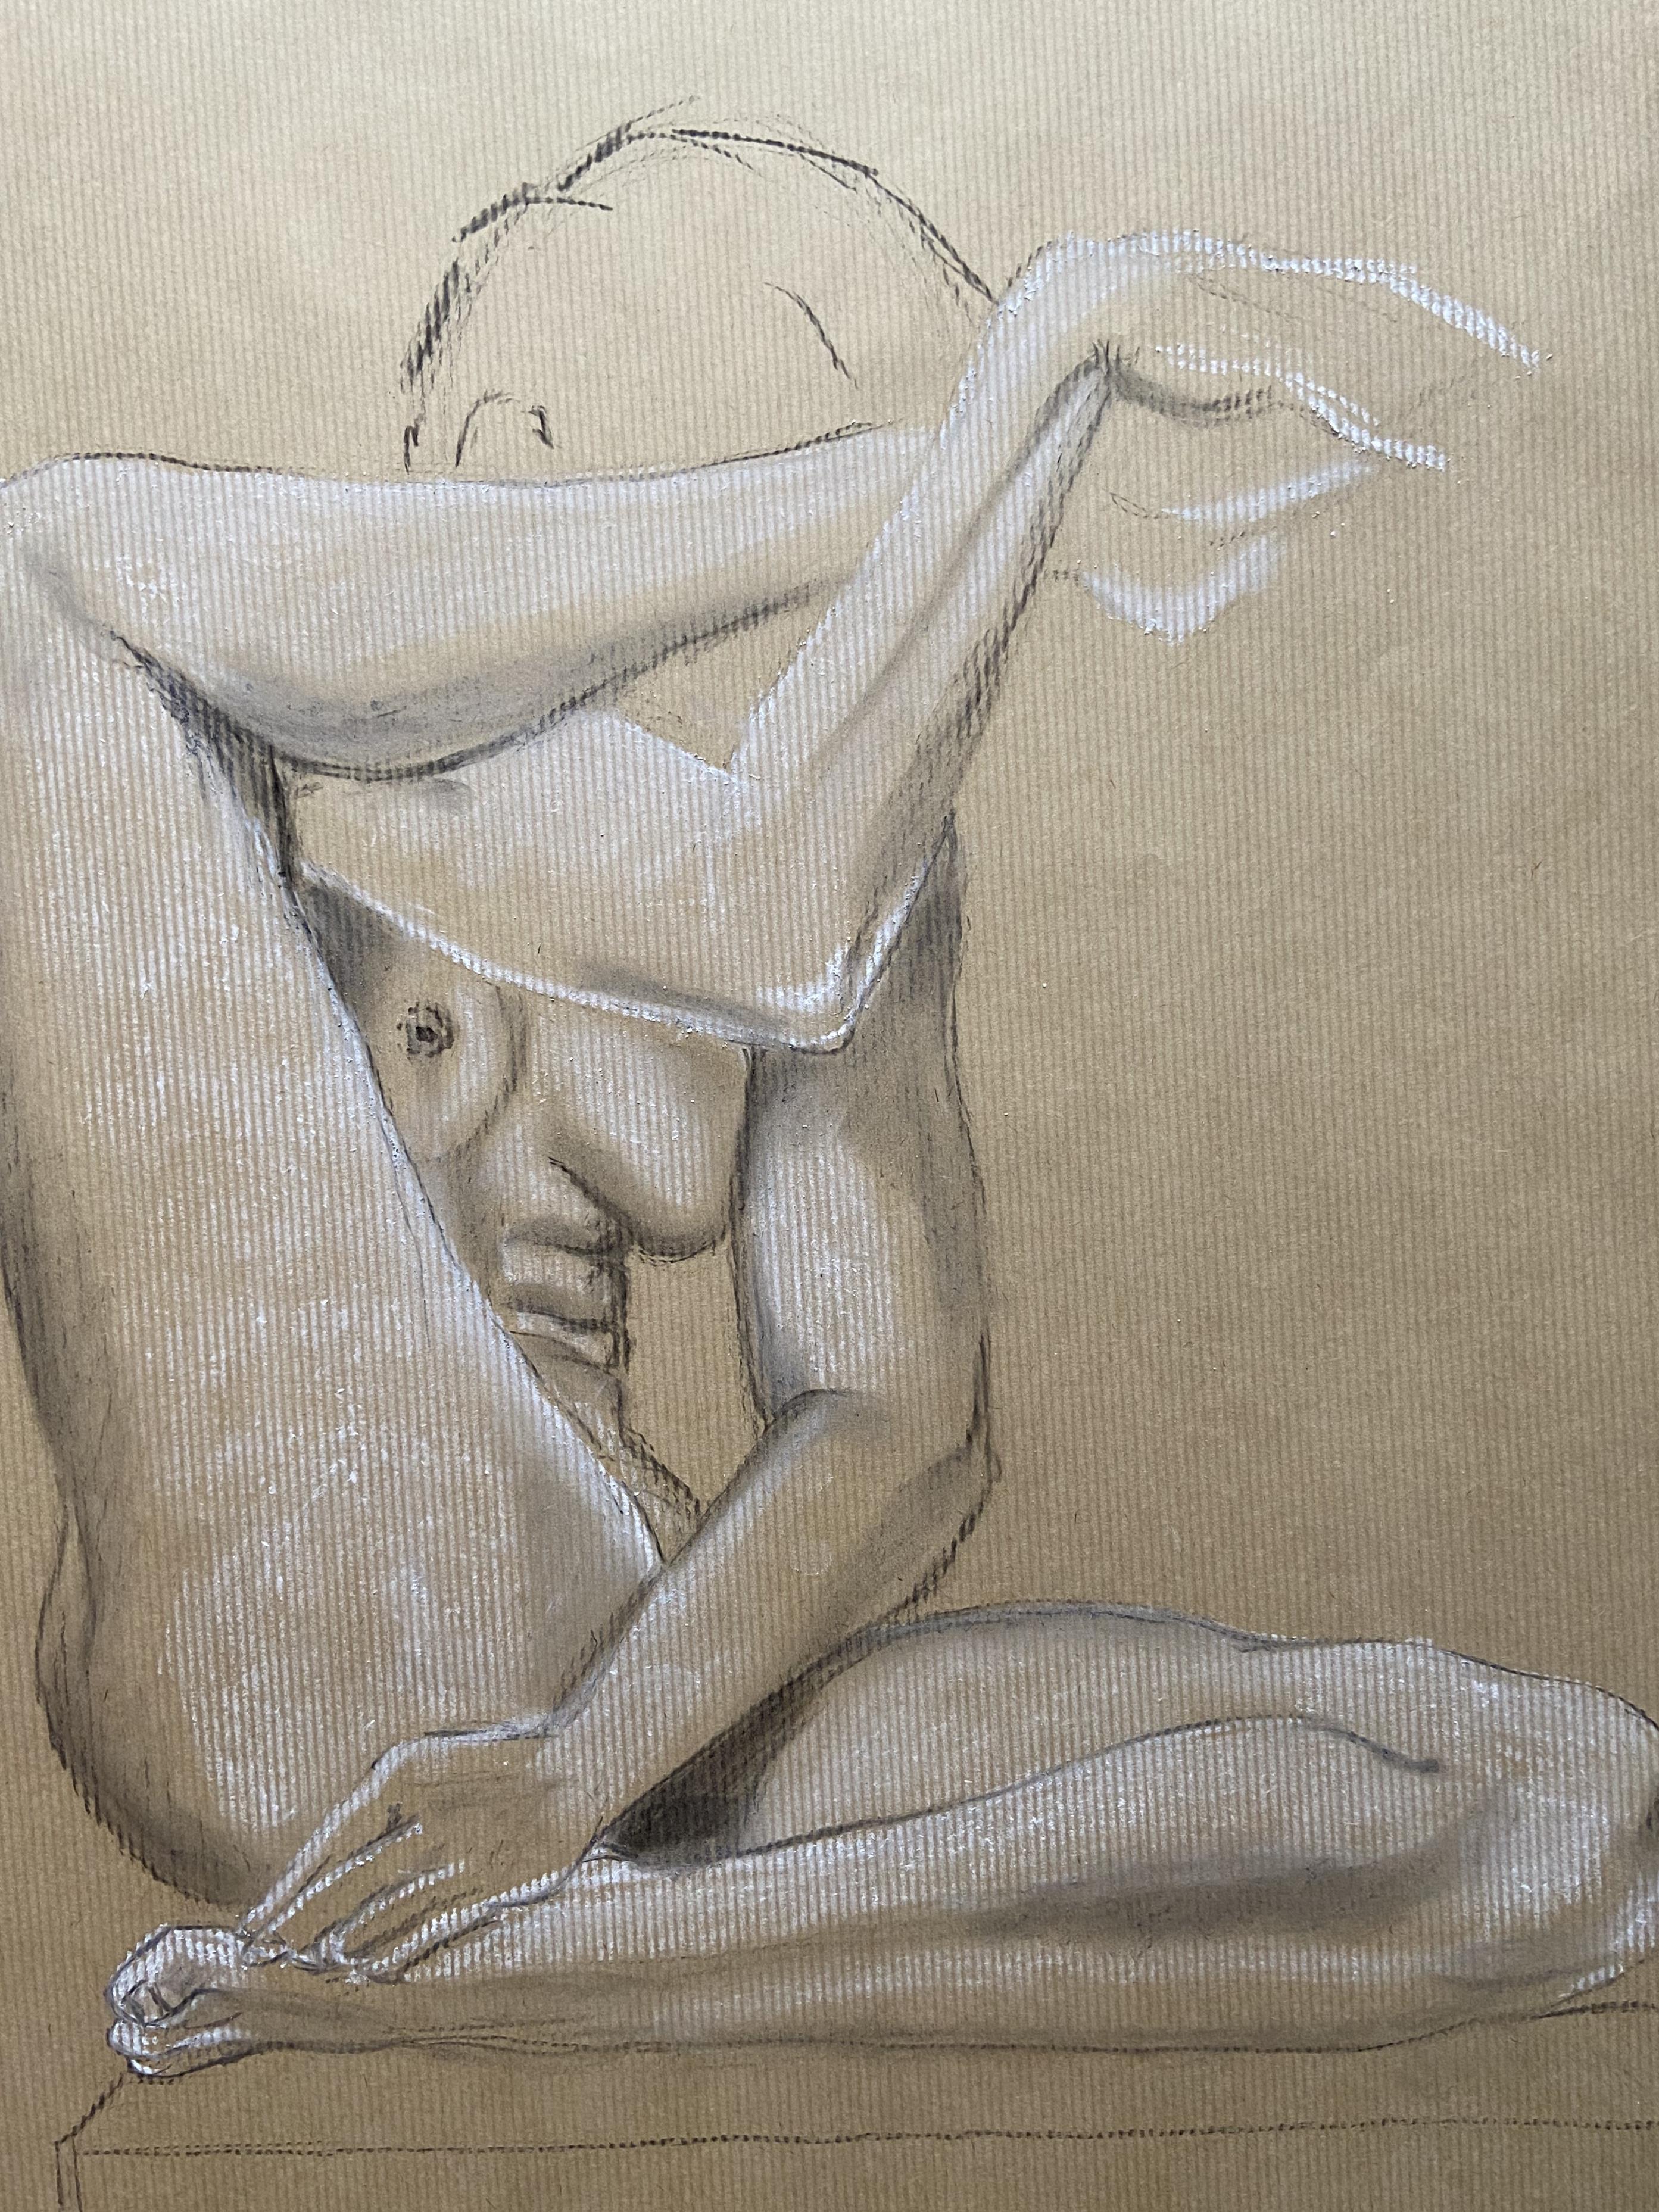 Dessin femme assise crayon papier fusain craie blanche sur papier Kraft  cours de dessin